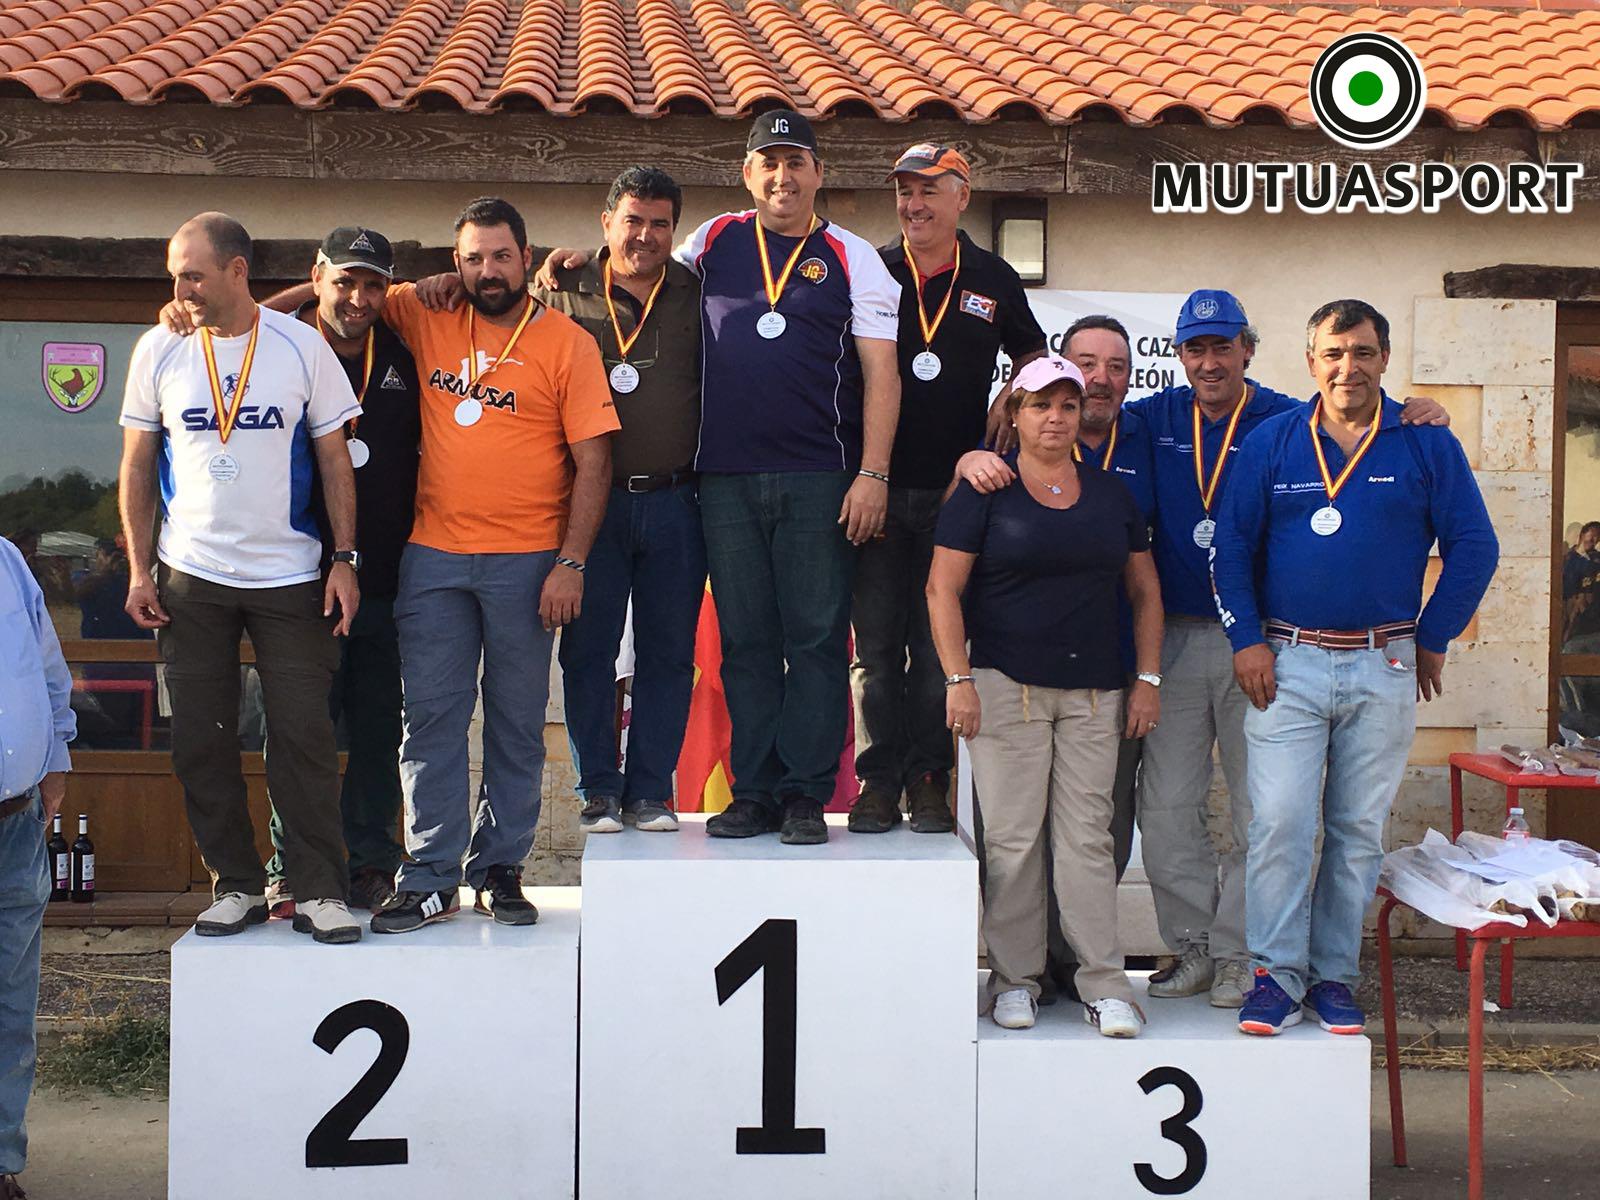 El tirador Diego Martínez, campeón de la III Copa Mutuasport de Recorridos de Caza